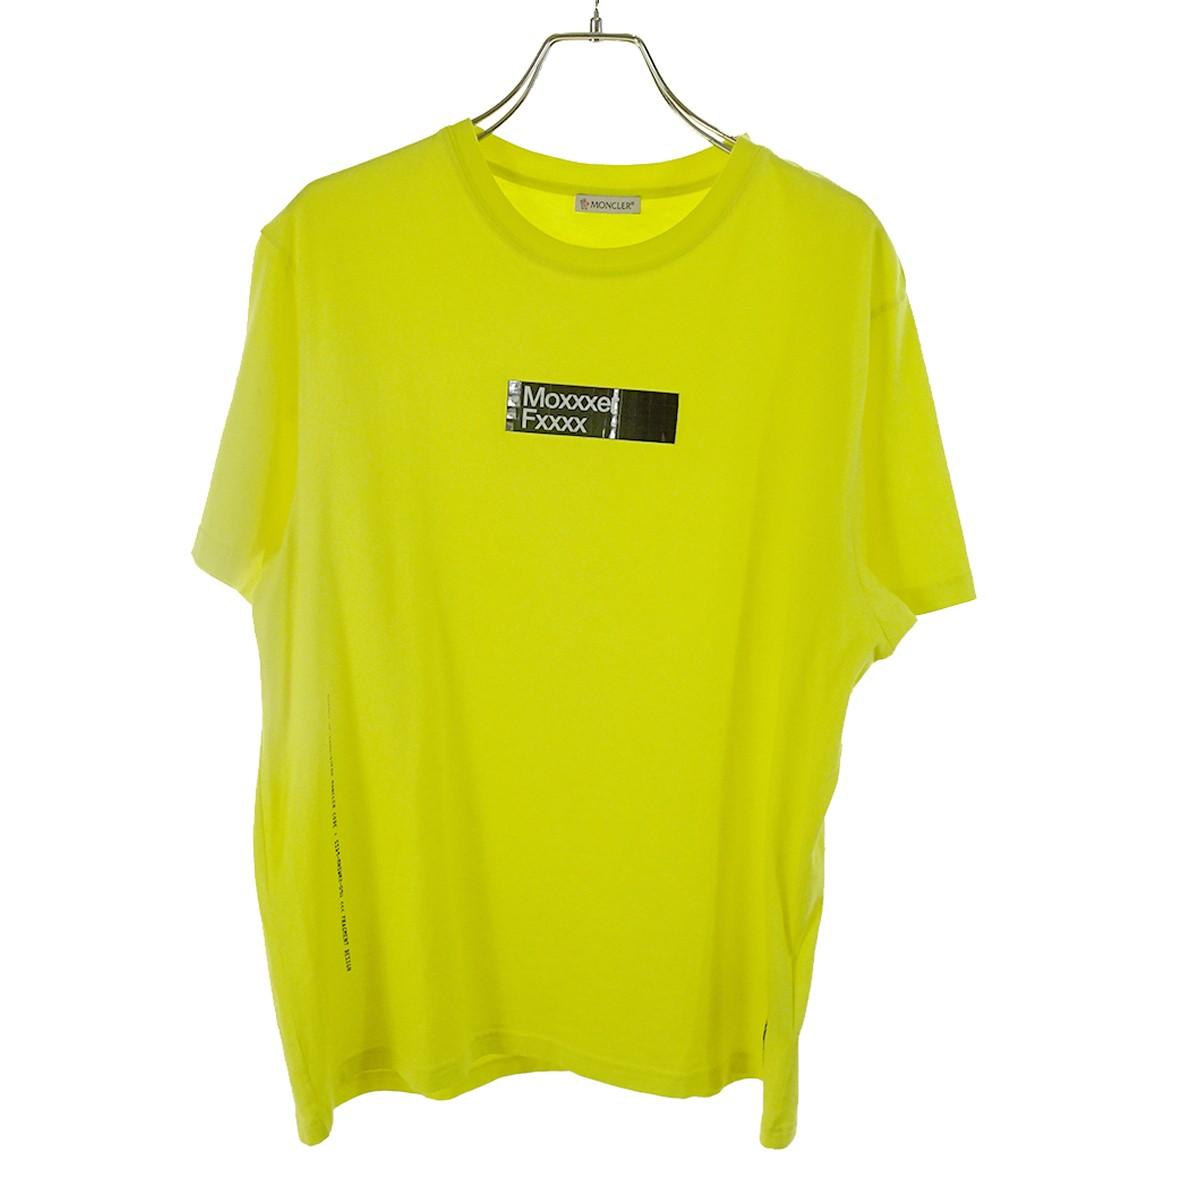 【中古】MONCLER×FRAGMENT Moxxxer Fxxxx Tシャツ イエロー サイズ:S 【020520】(モンクレール×フラグメント)